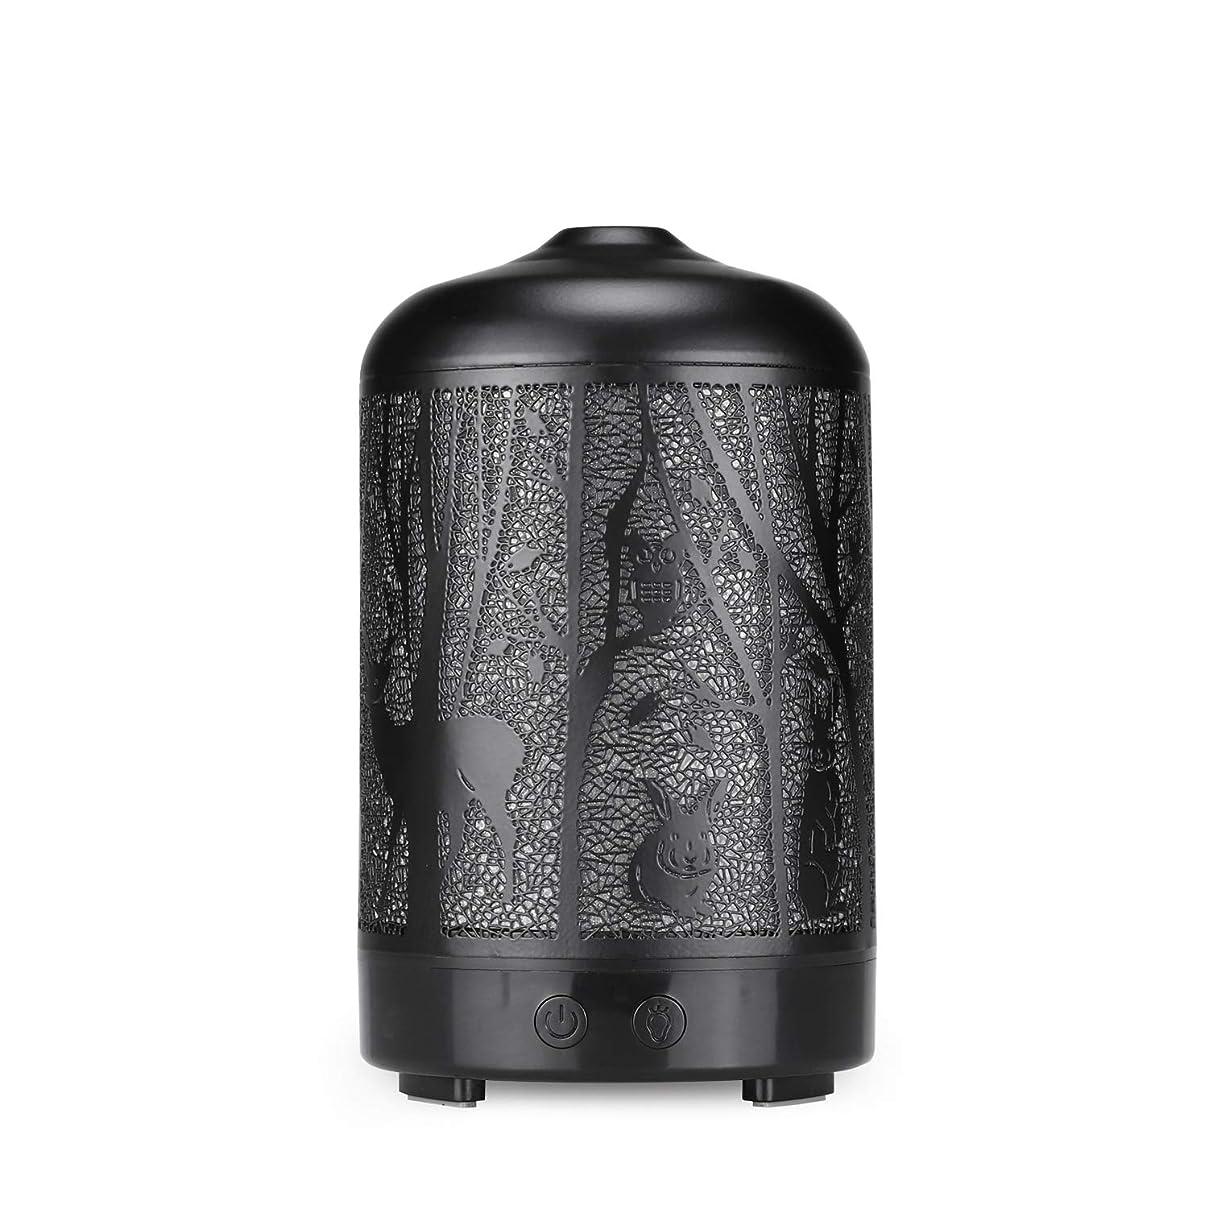 早く毎日ラジカルエッセンシャルオイルディフューザー、100 ml超音波金属ディアーアロマセラピー香り油拡散気化器加湿器